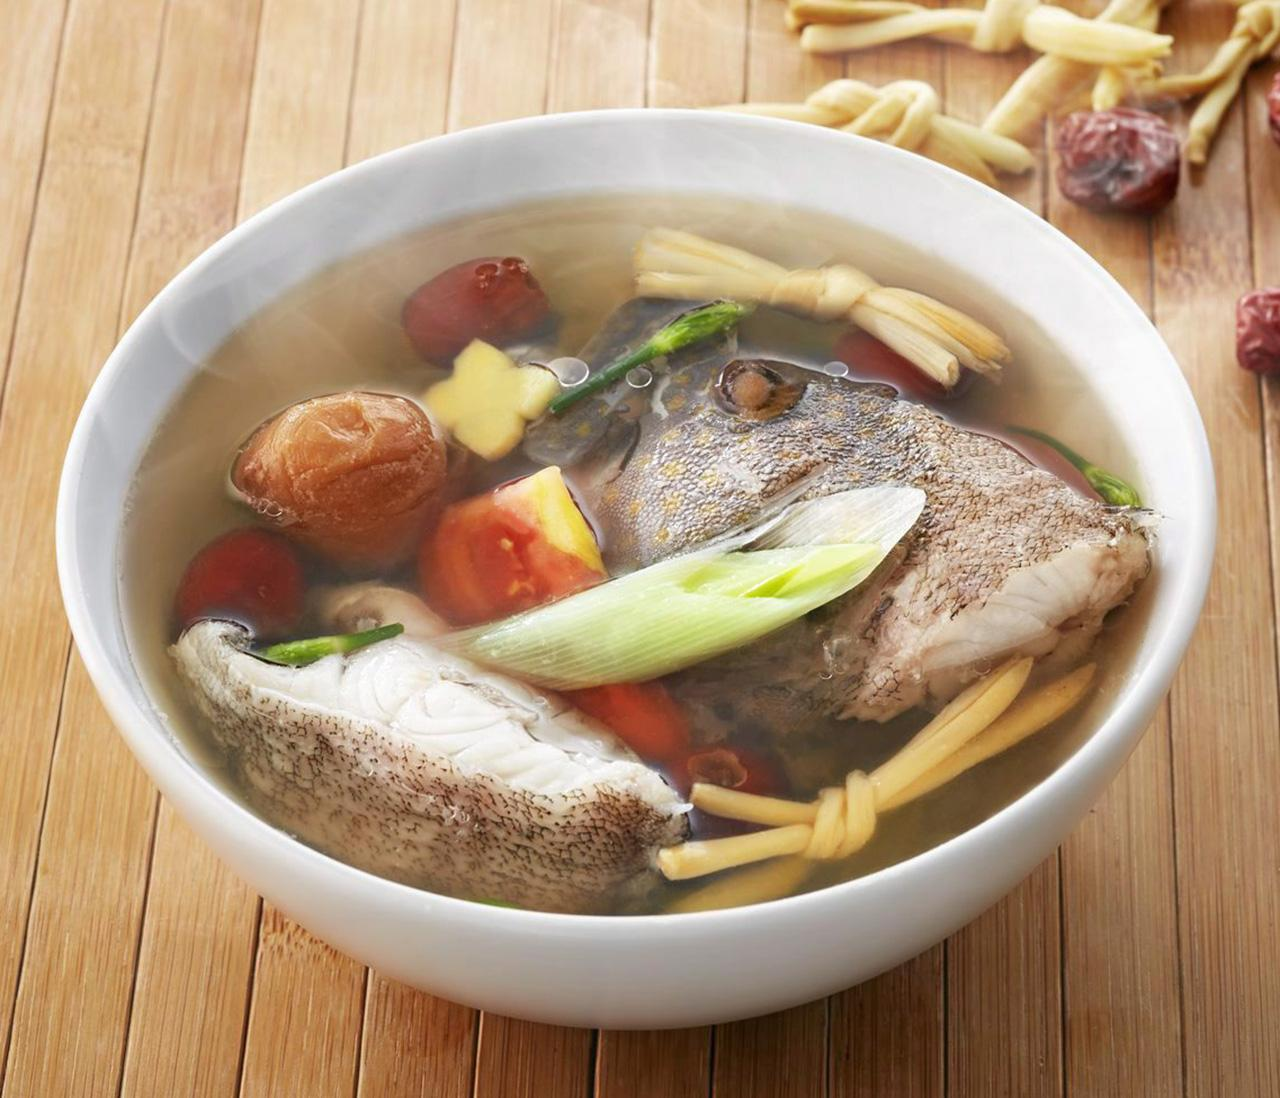 ซุปหัวปลา